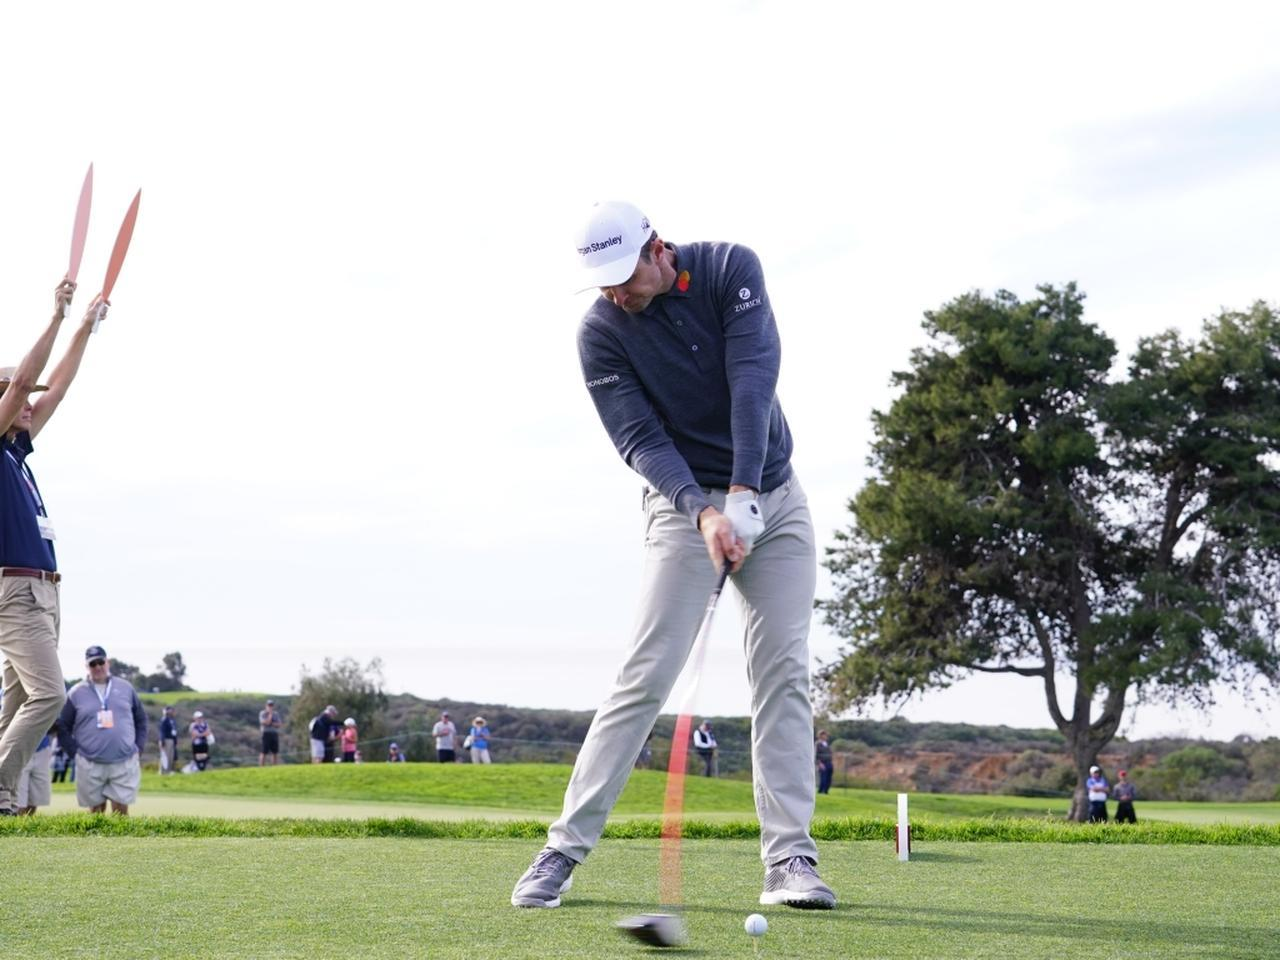 画像10: 【ギア研究】PGAツアートップ選手のレプリカドライバーを組んで打った。「運命のシャフトとヘッド」見つけ方